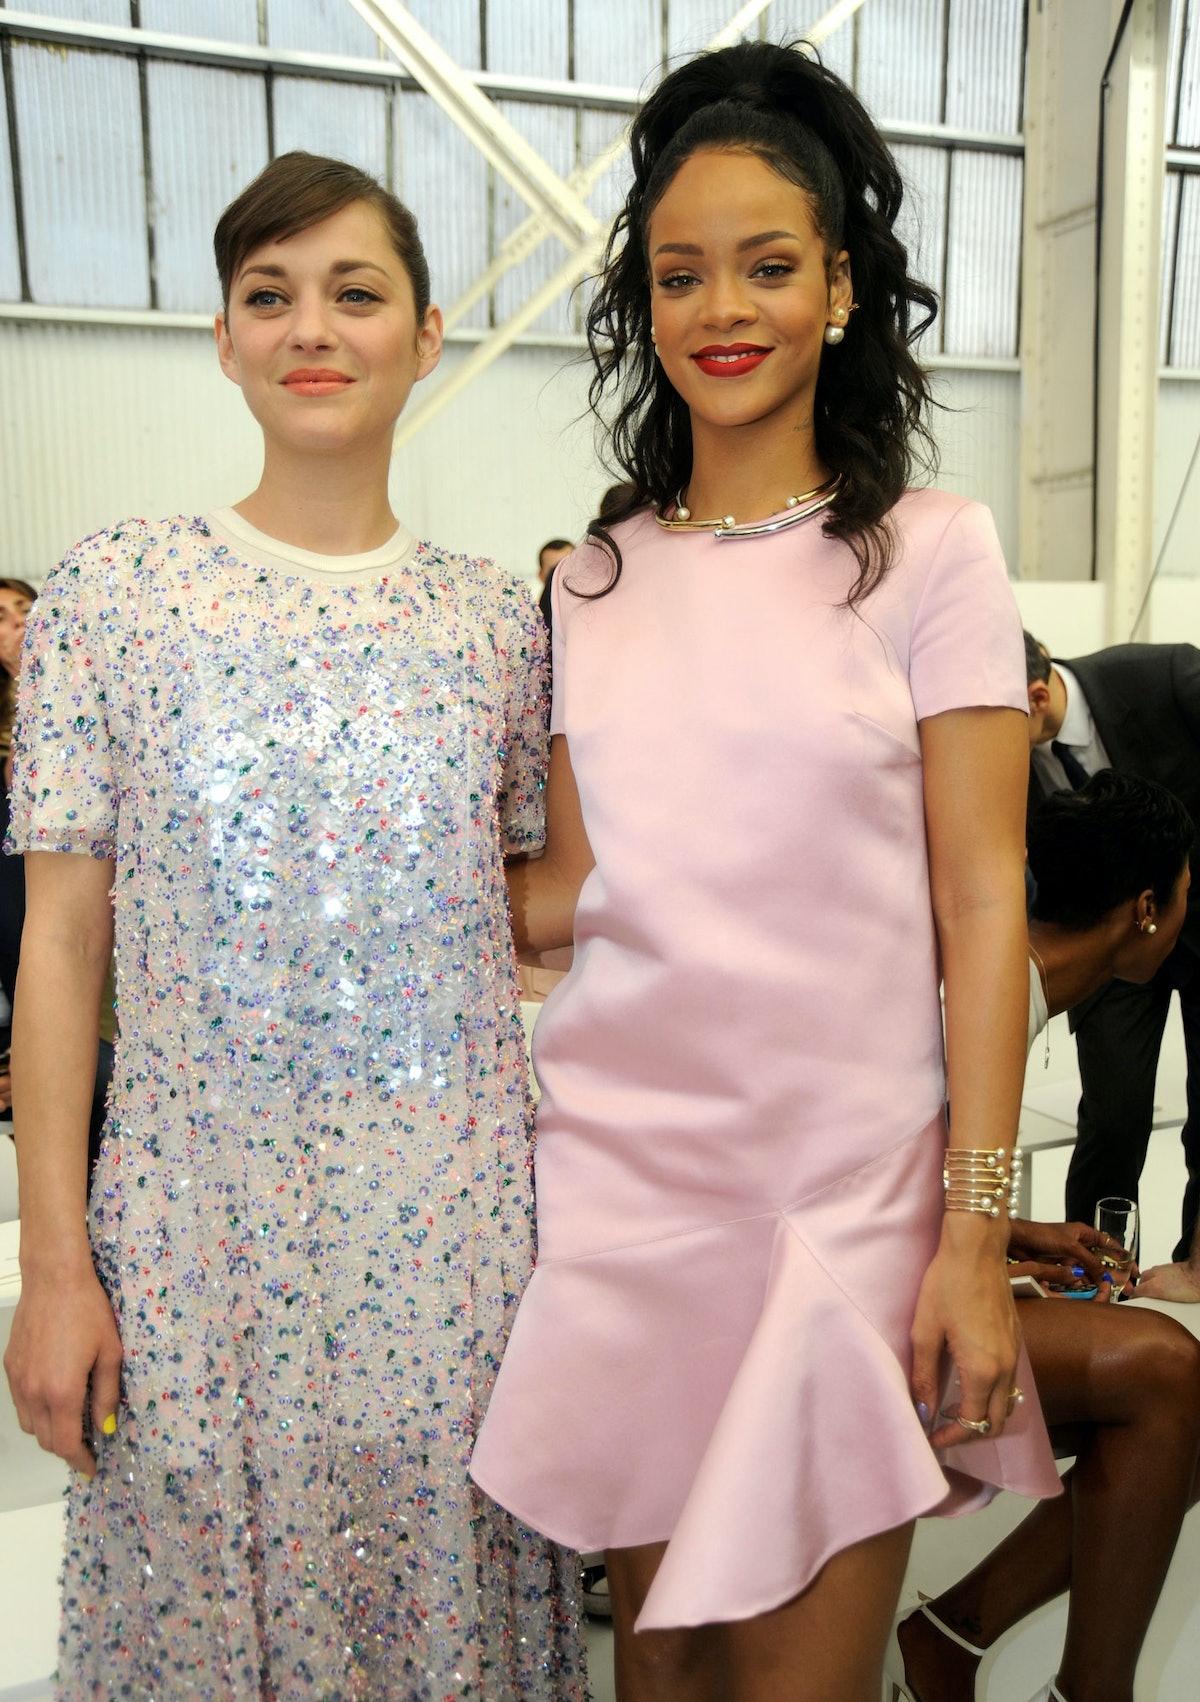 Marion Cotillard and Rihanna